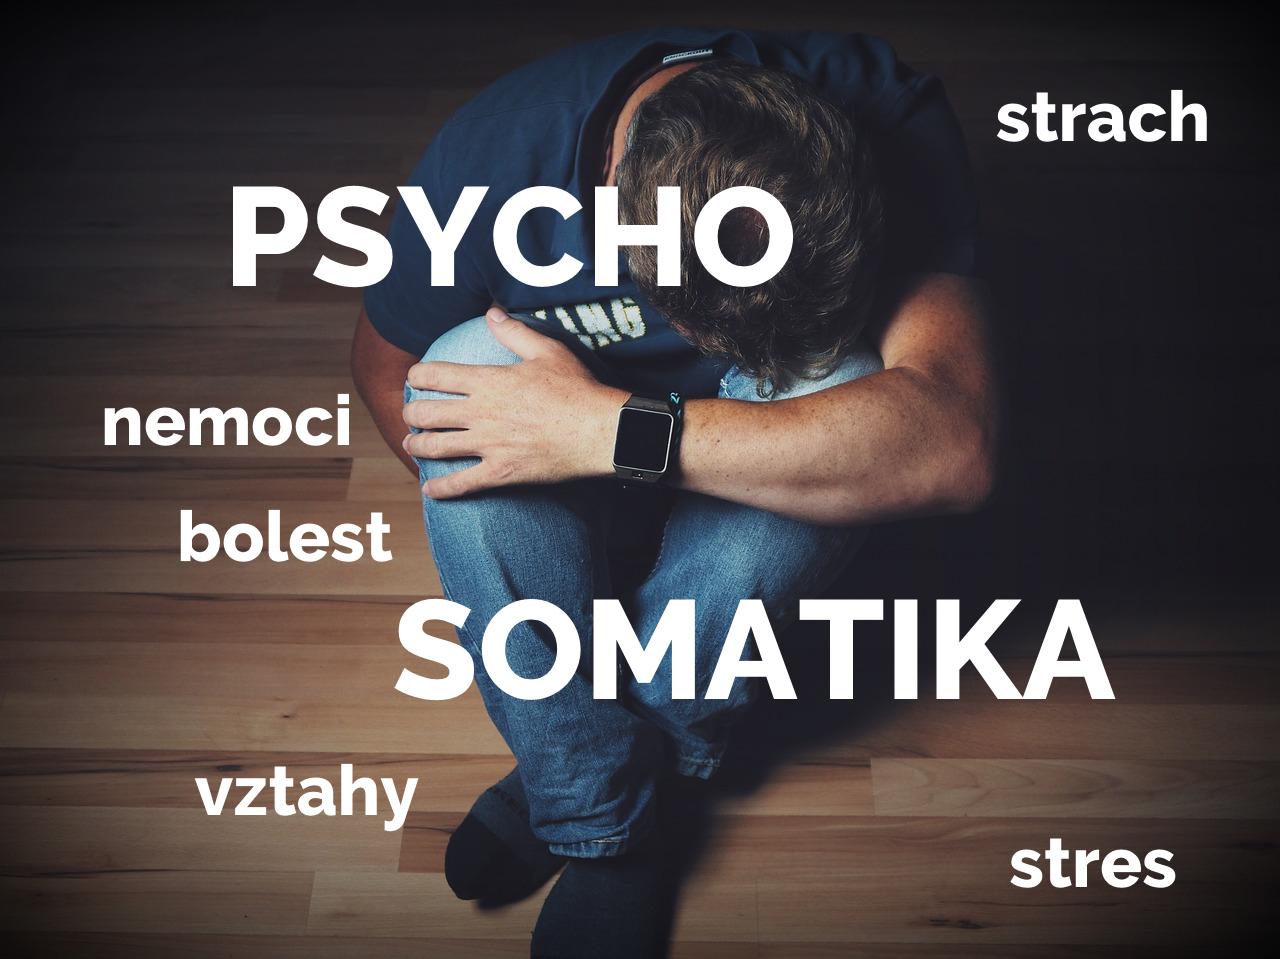 Psychosomatika - nešťastný muž, strach, nemoci, bolest, vztahy, stres